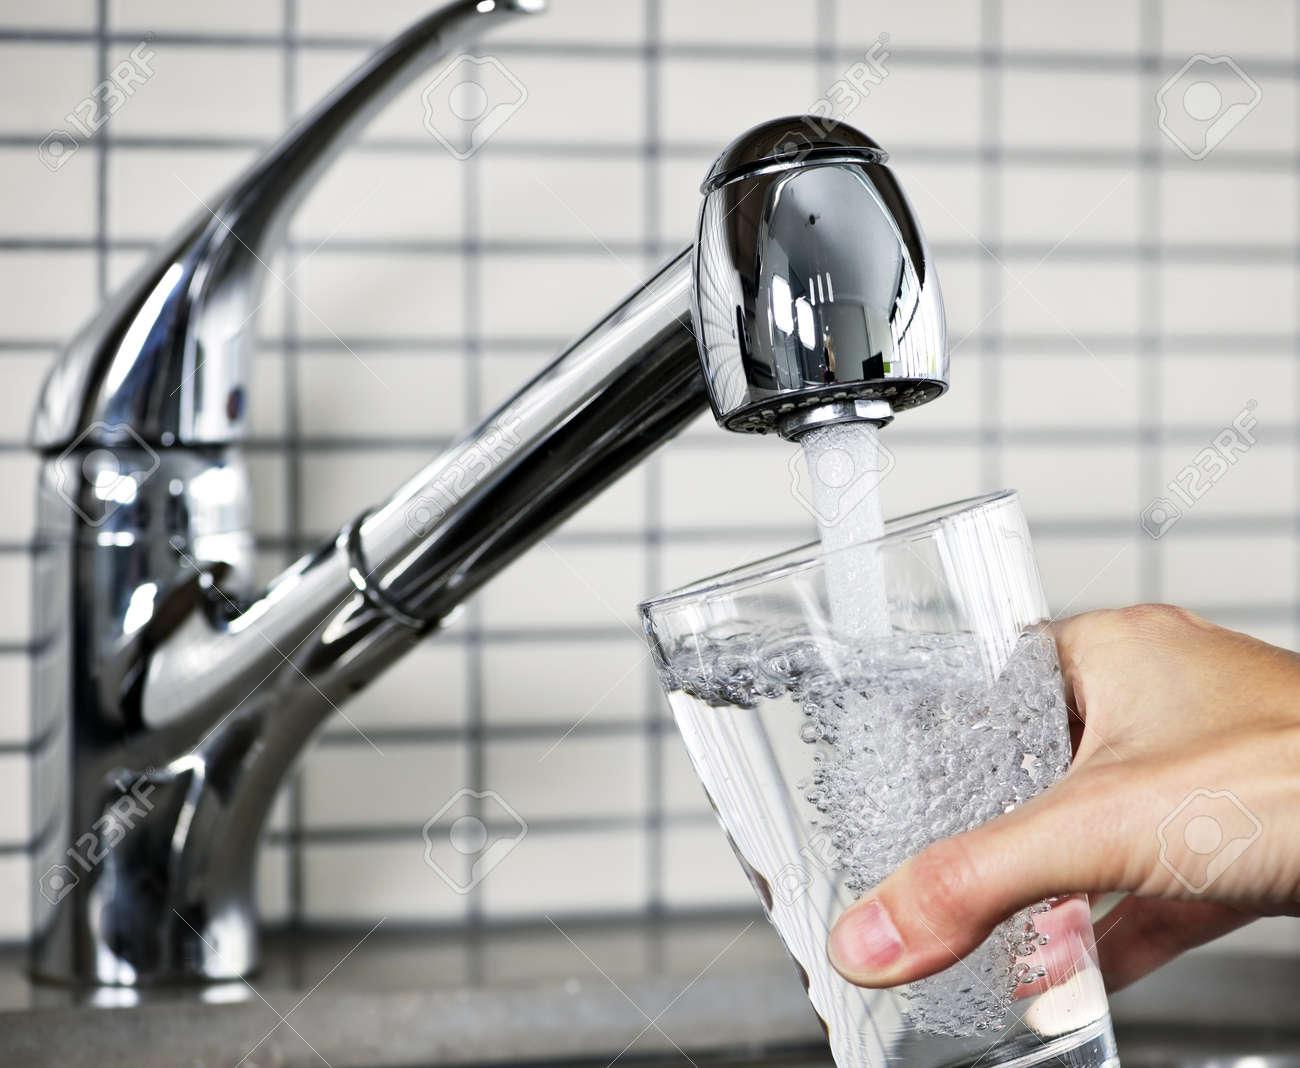 Vullen glas water uit roestvrij staal keuken kraan royalty vrije ...